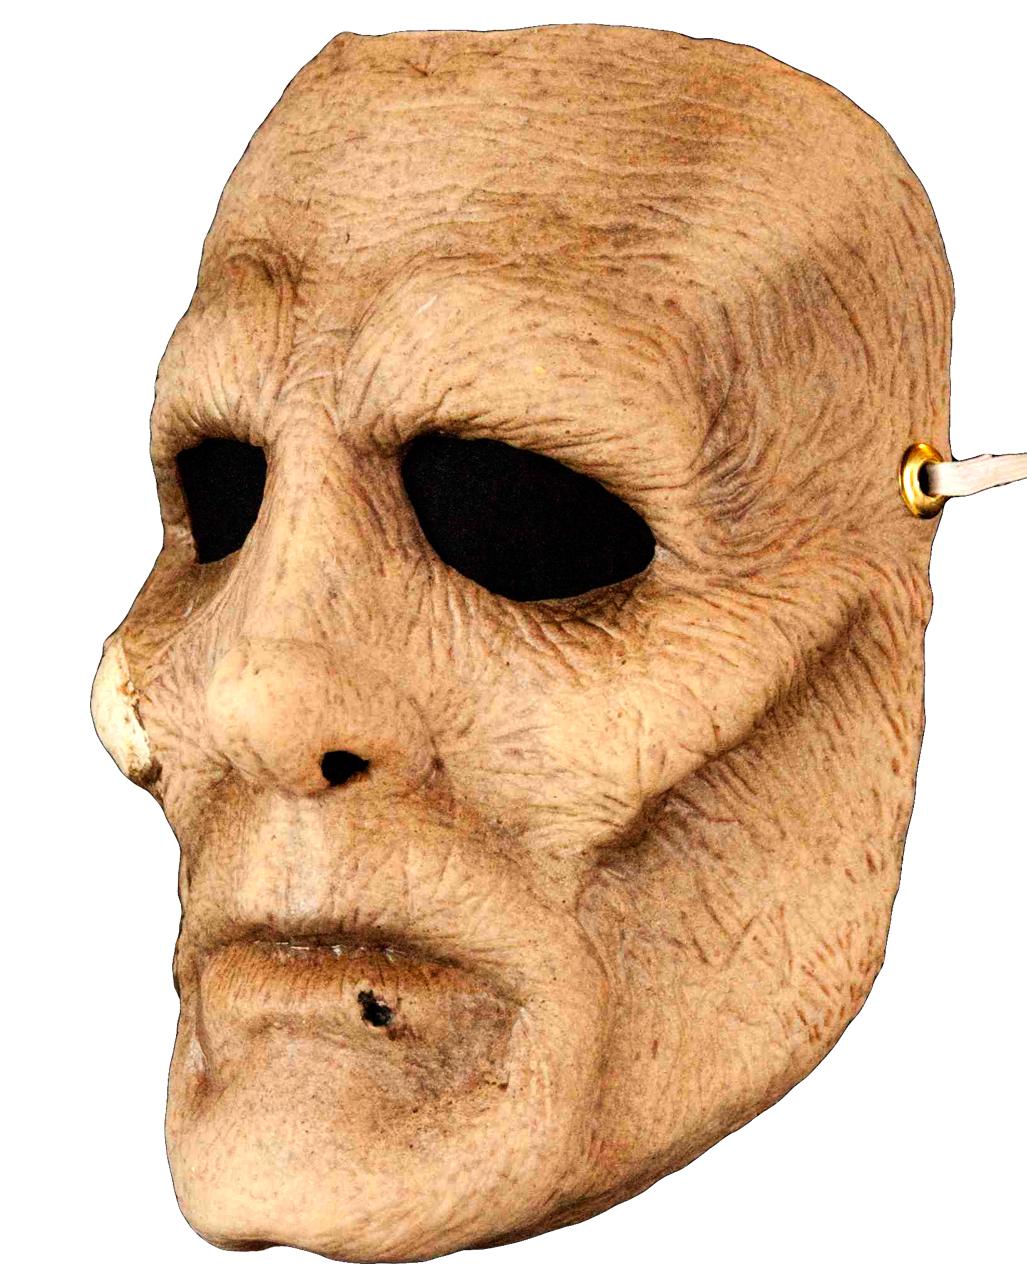 pestopfer maske halloween masken kaufen horror. Black Bedroom Furniture Sets. Home Design Ideas